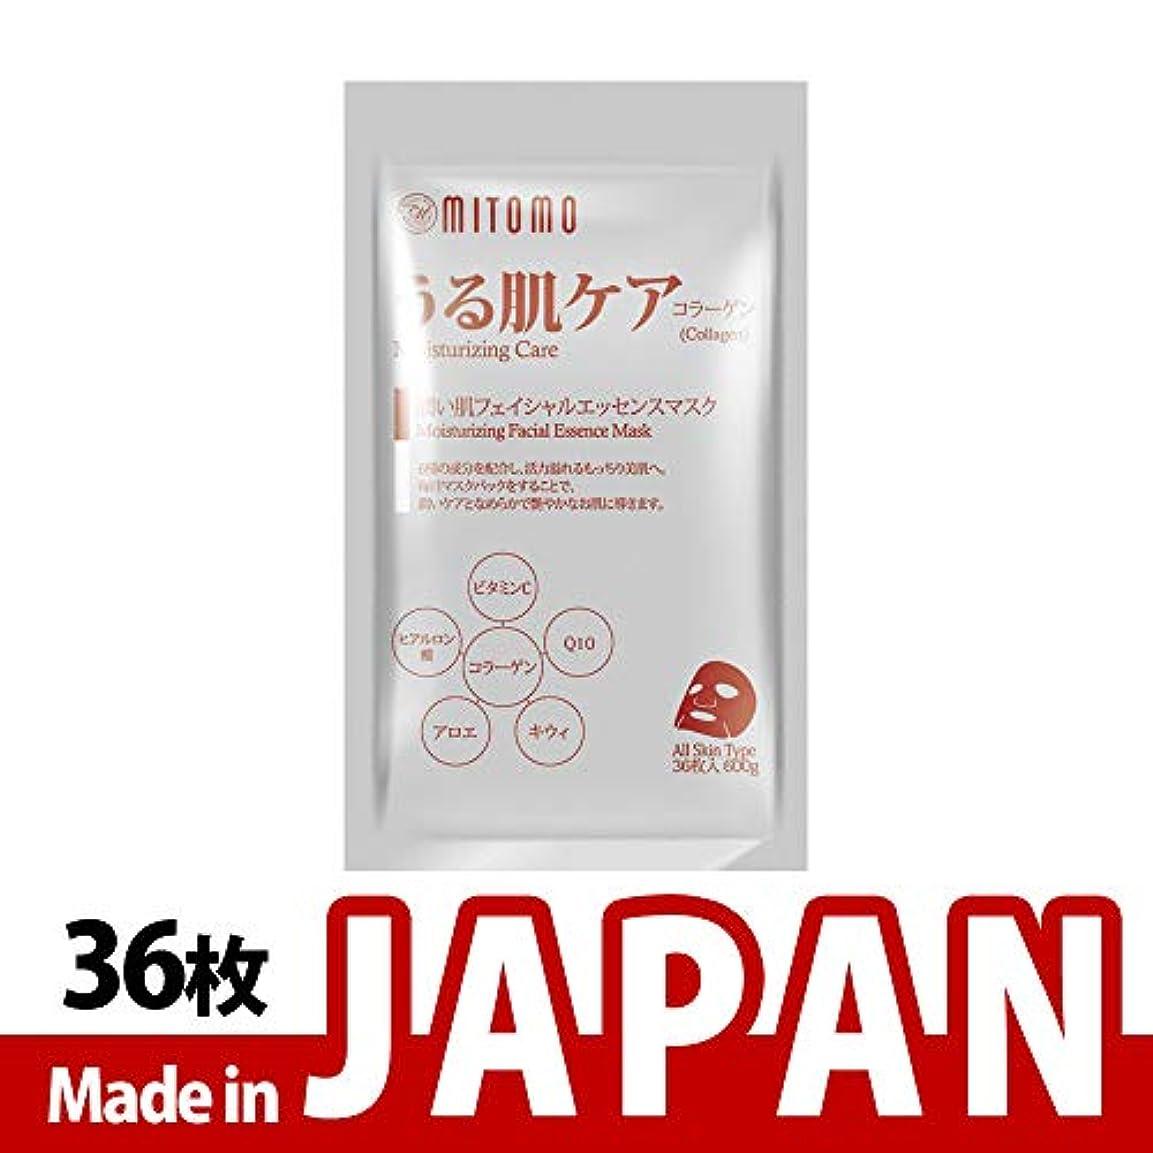 開示するリップあそこ【MT101-E-1】MITOMO日本製うる肌ケア シートマスク/36枚入り/36枚/美容液/マスクパック/送料無料